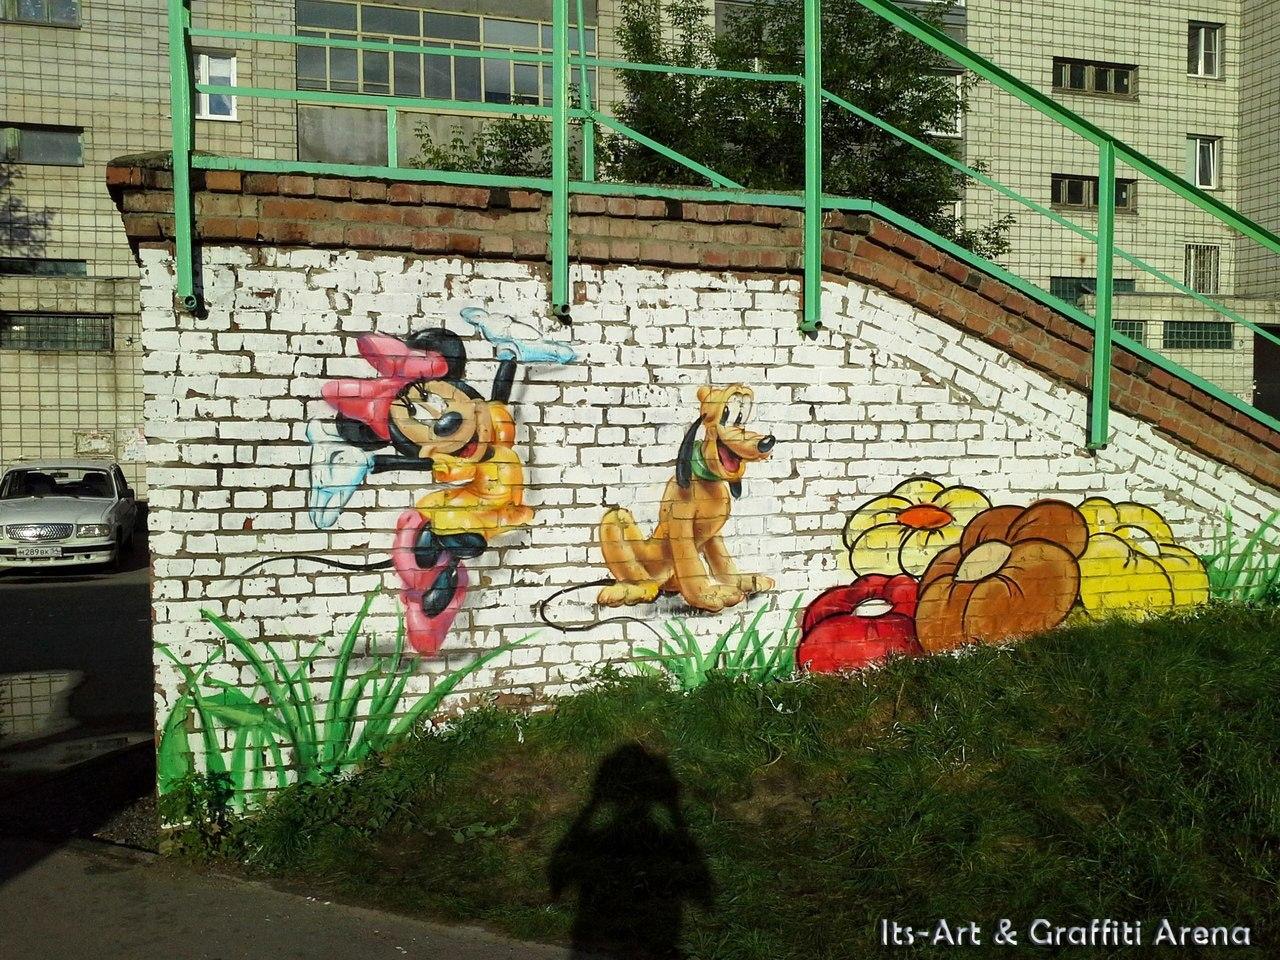 Оформление детской площадки  Its-Art & Graffiti Arena